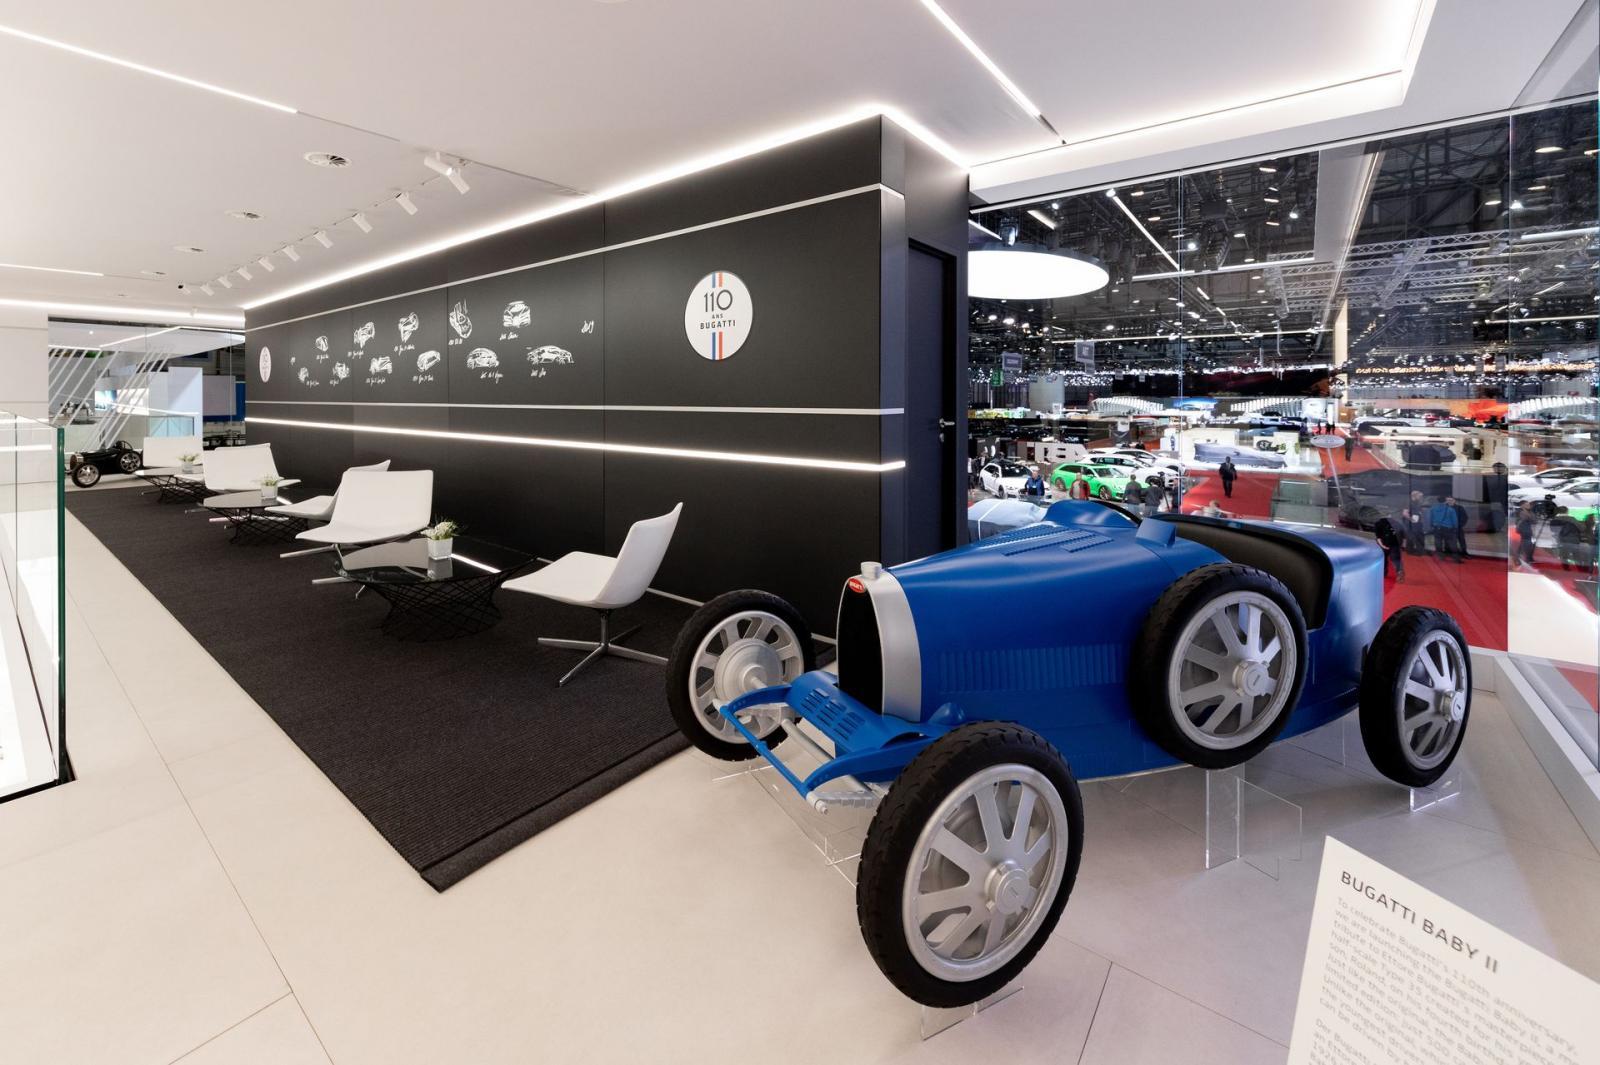 4f2e3a993 Bugatti Type 35 Baby II, un auto eléctrico de juguete para festejar 110  años de